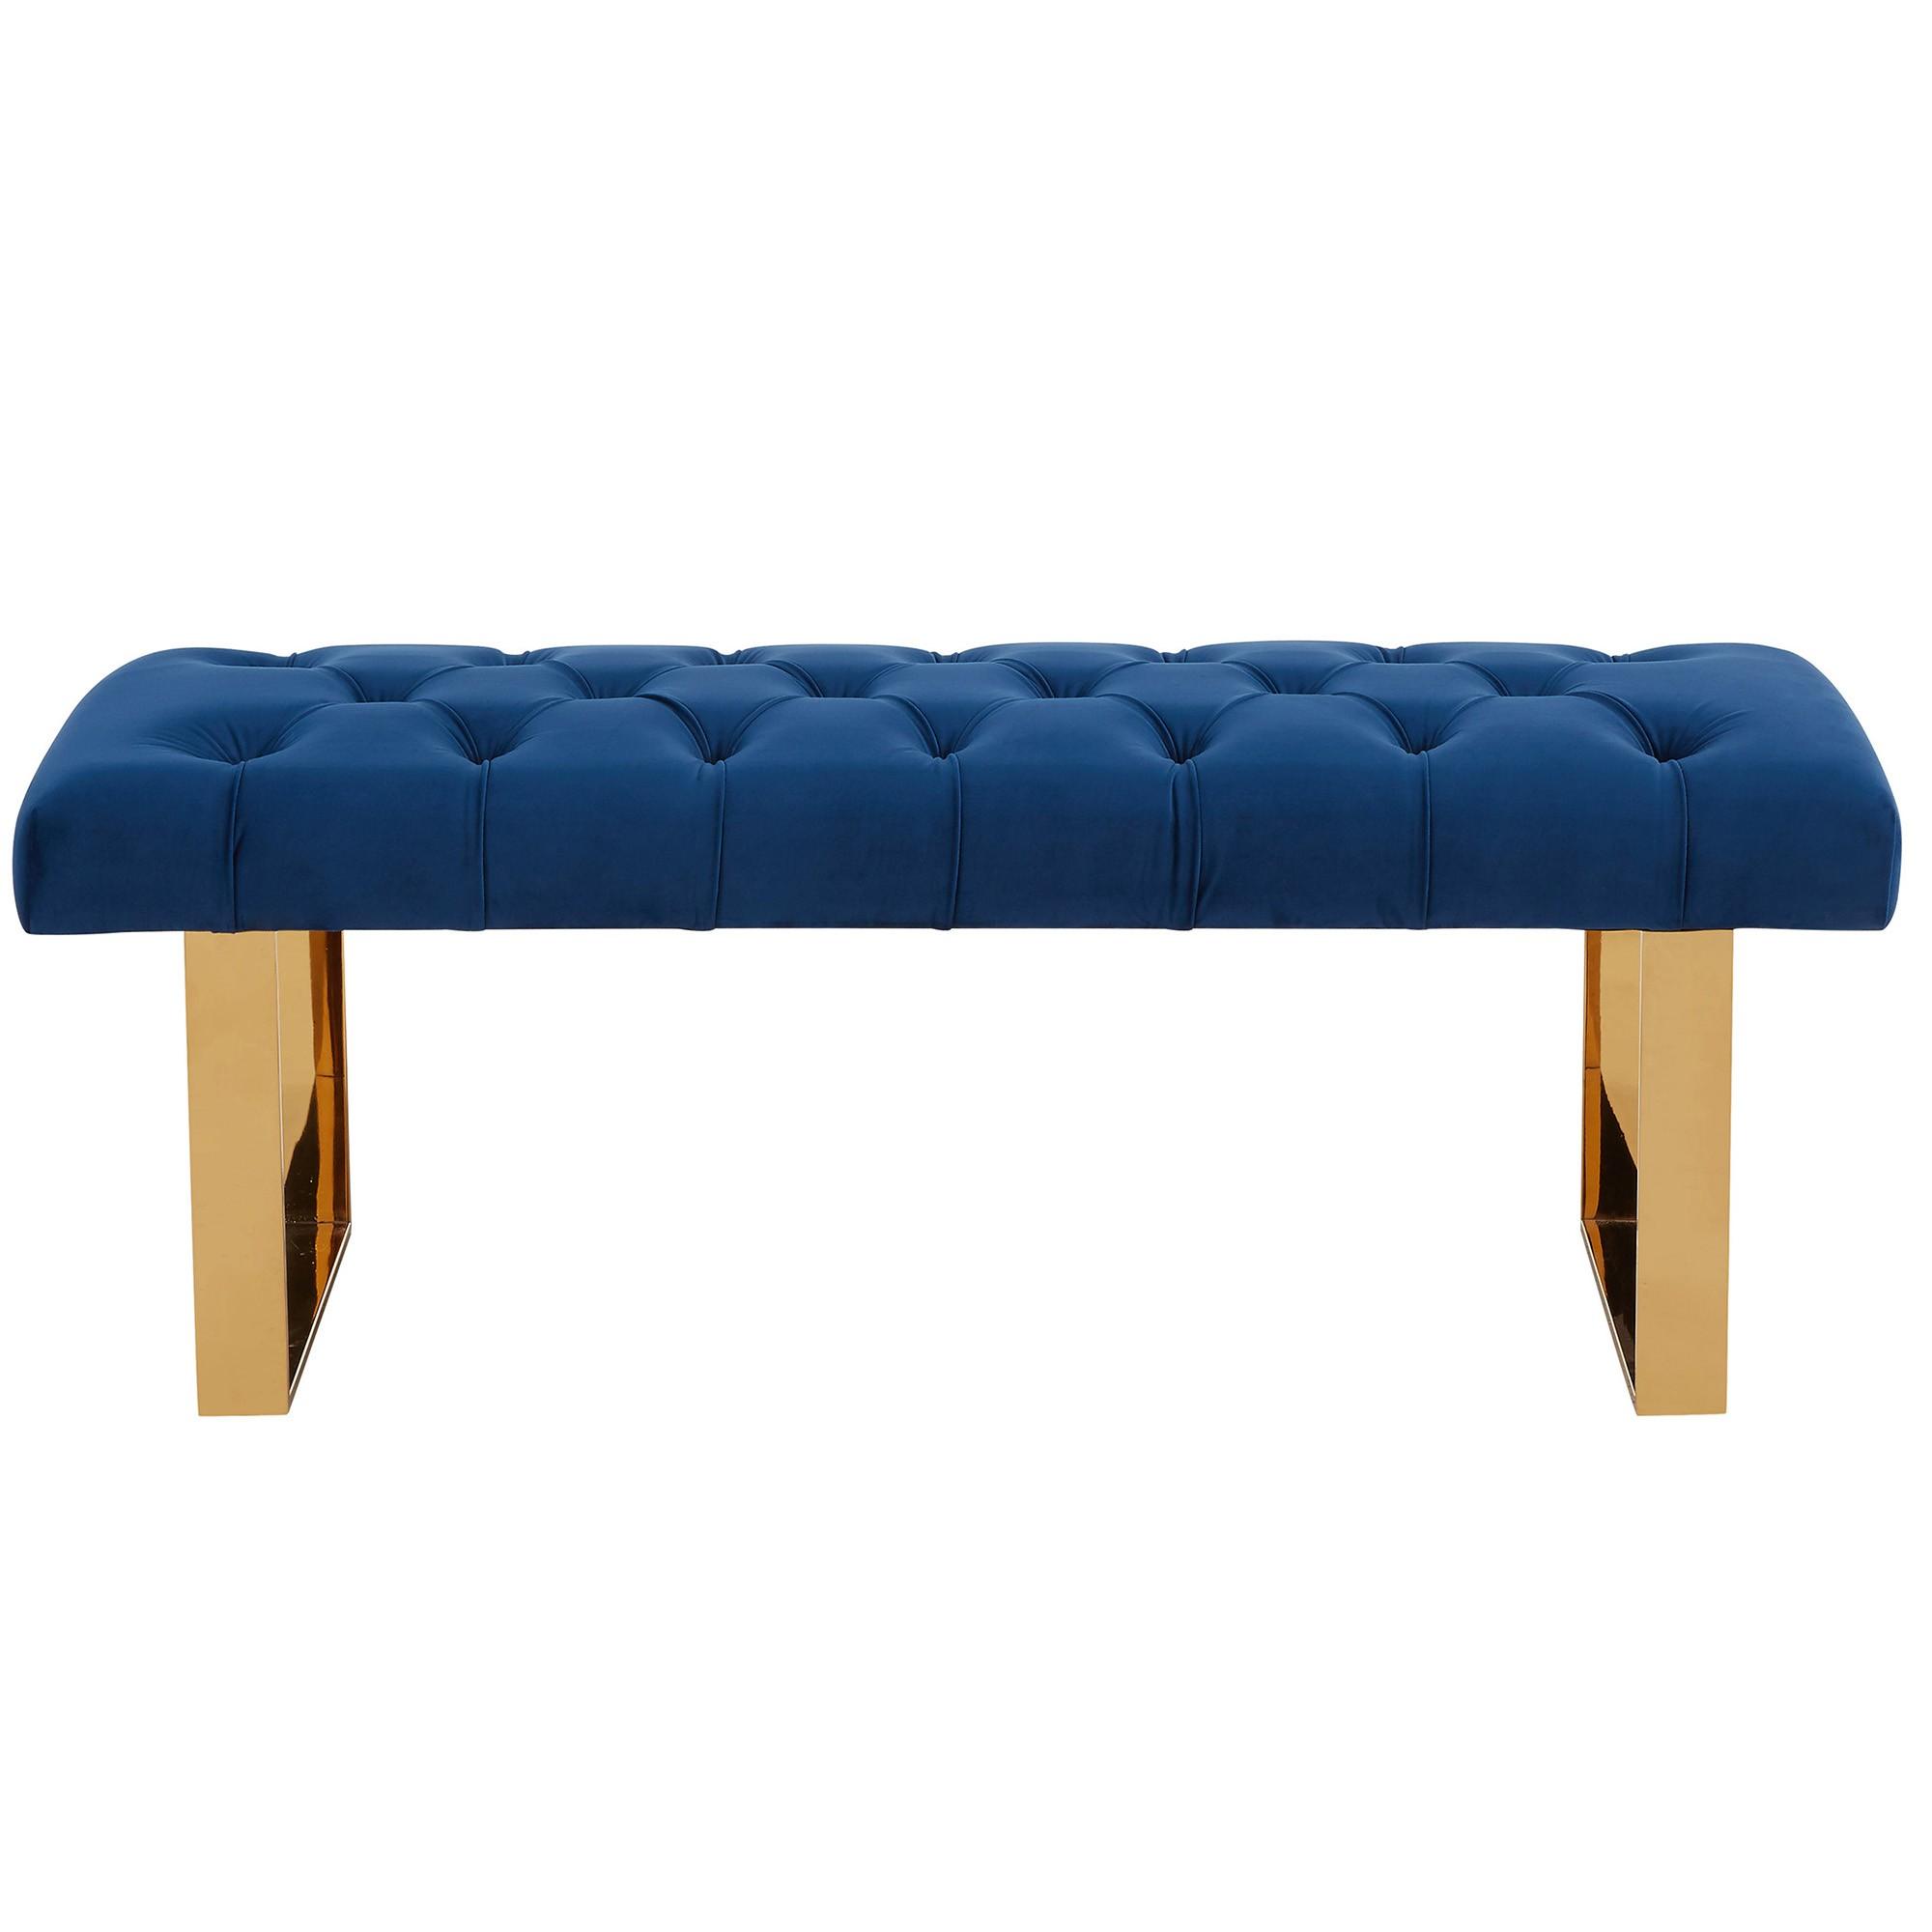 大师设计 不锈钢电镀金色玫瑰金 绒布PU真皮 设计师商场换鞋凳 家居长凳 脚踏 沙发